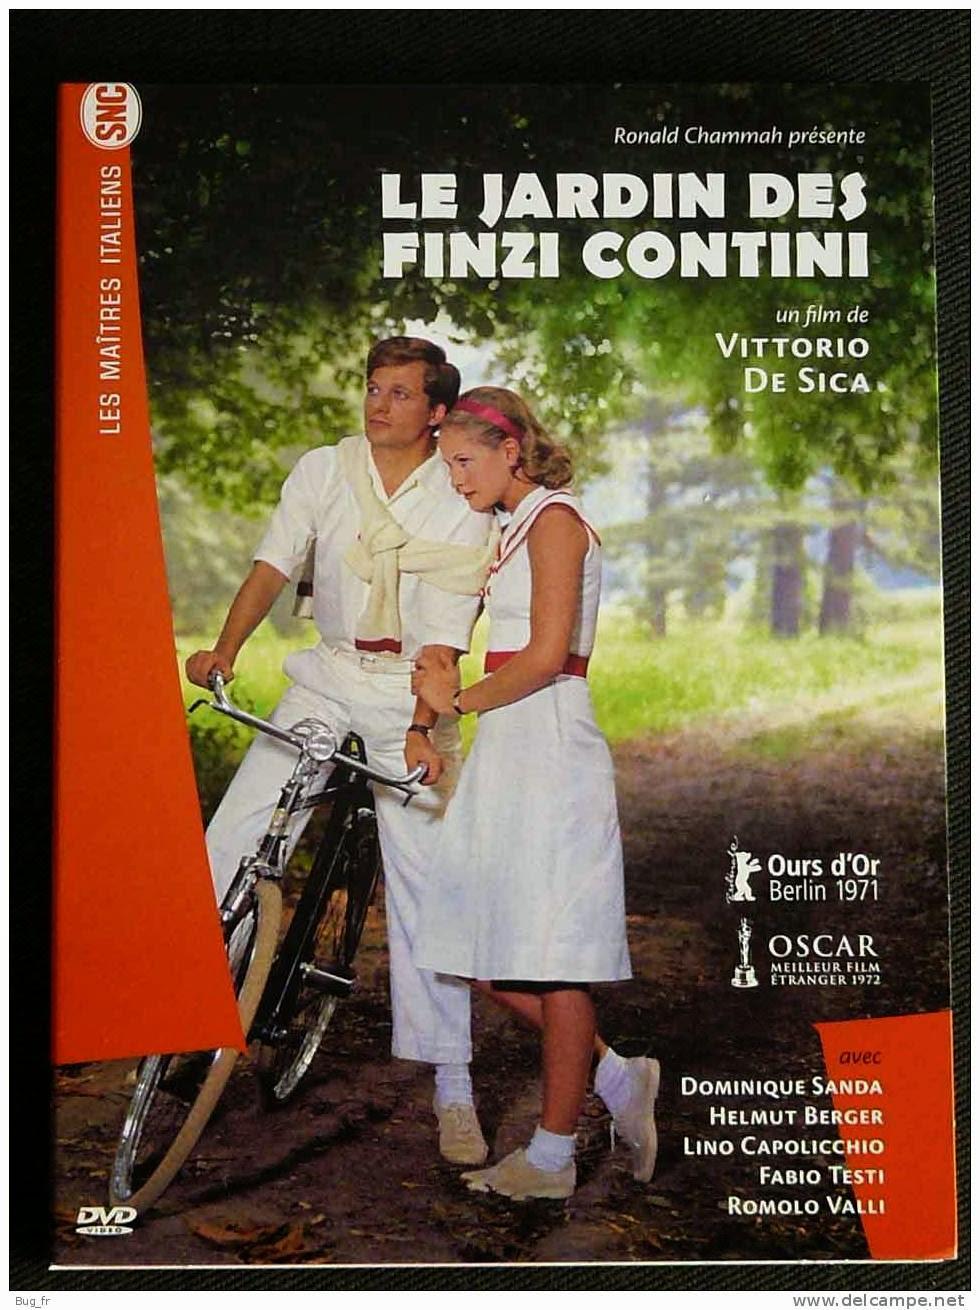 El jard n de los finzi contini manuelblas literatura y cine - El jardin de los finzi contini ...